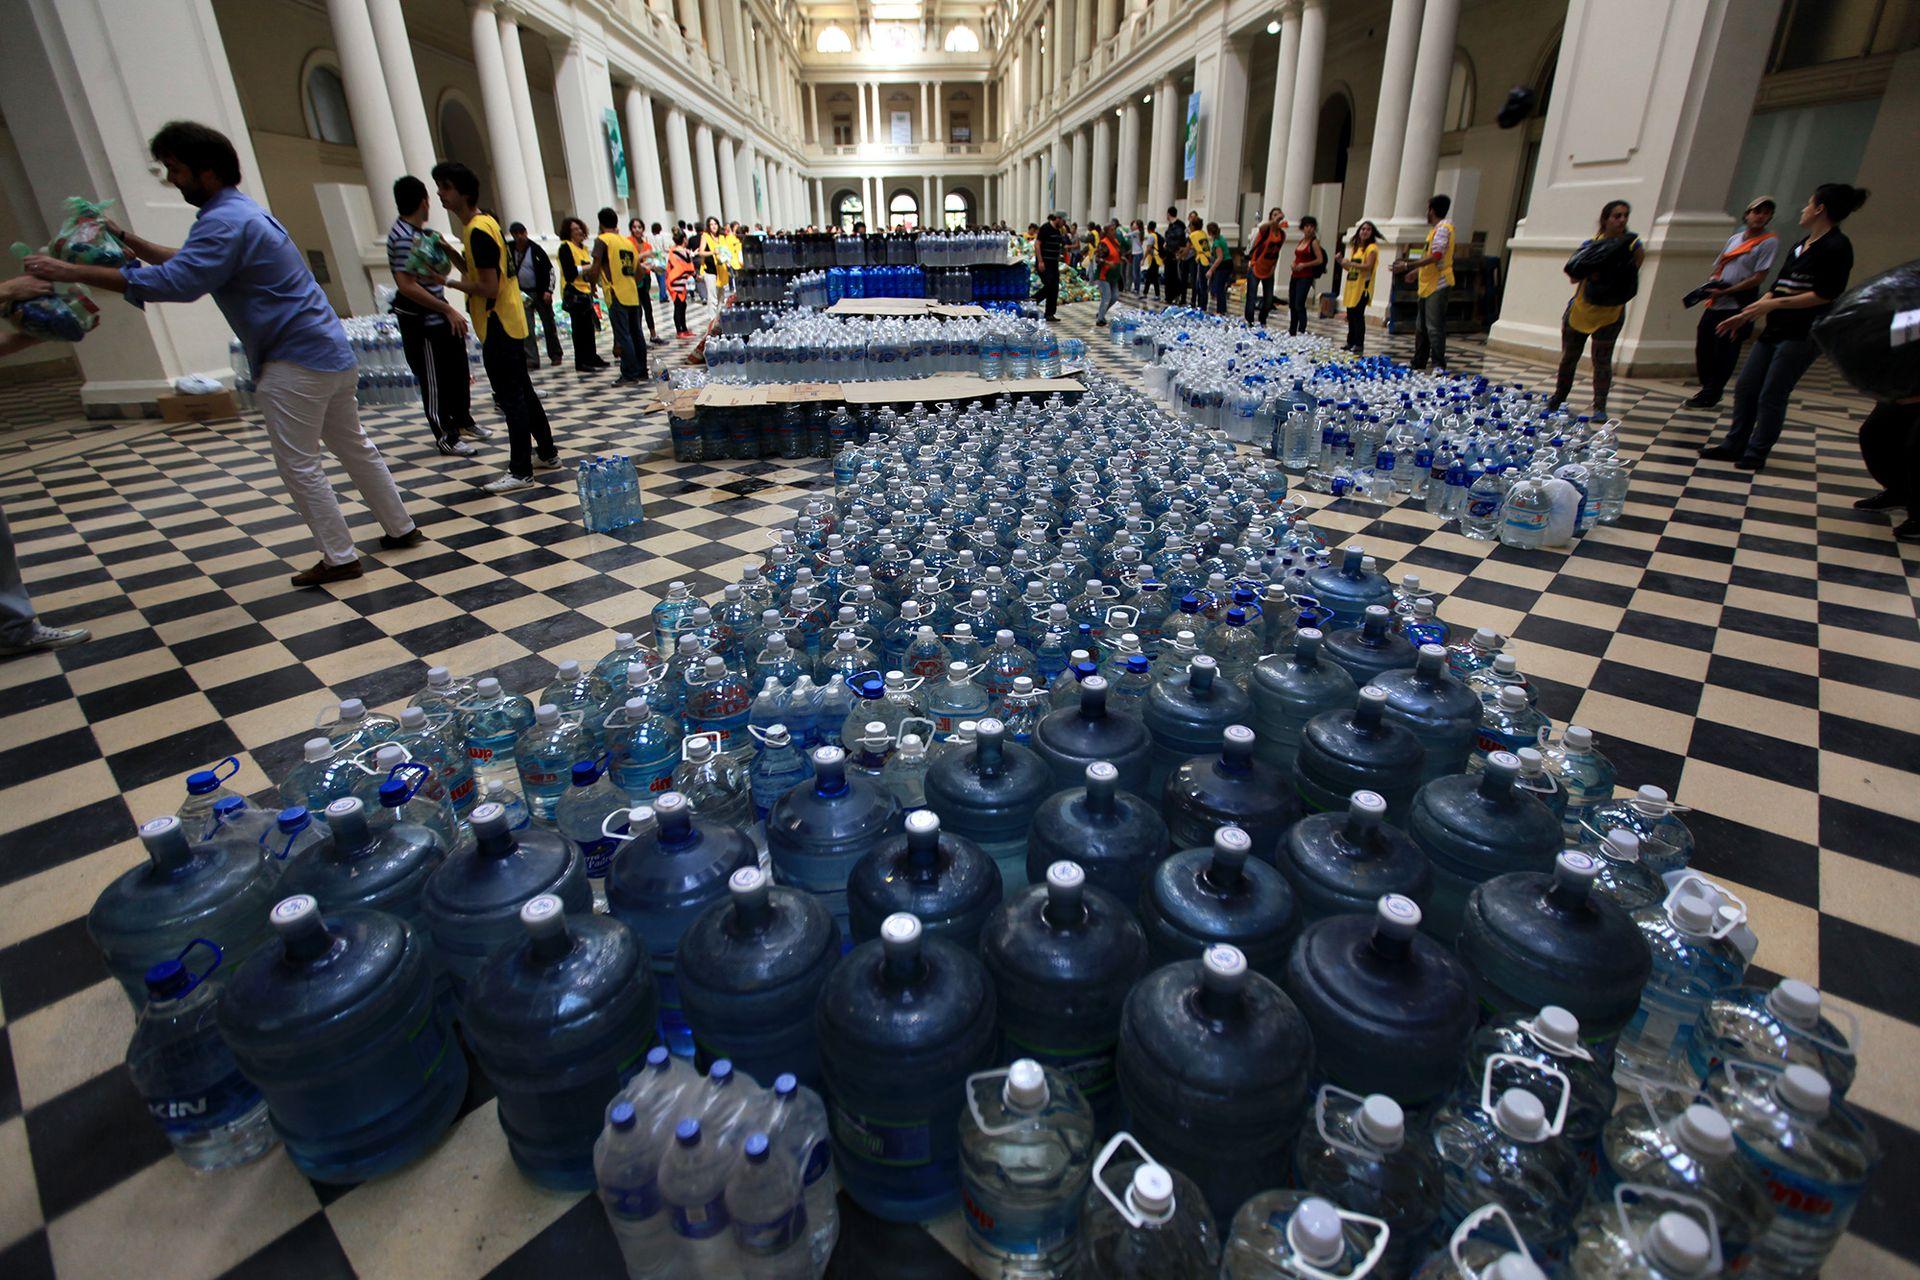 Voluntarios juntaron agua y alimentos para ayudar a los vecinos afectados por la terrible inundación de La Plata